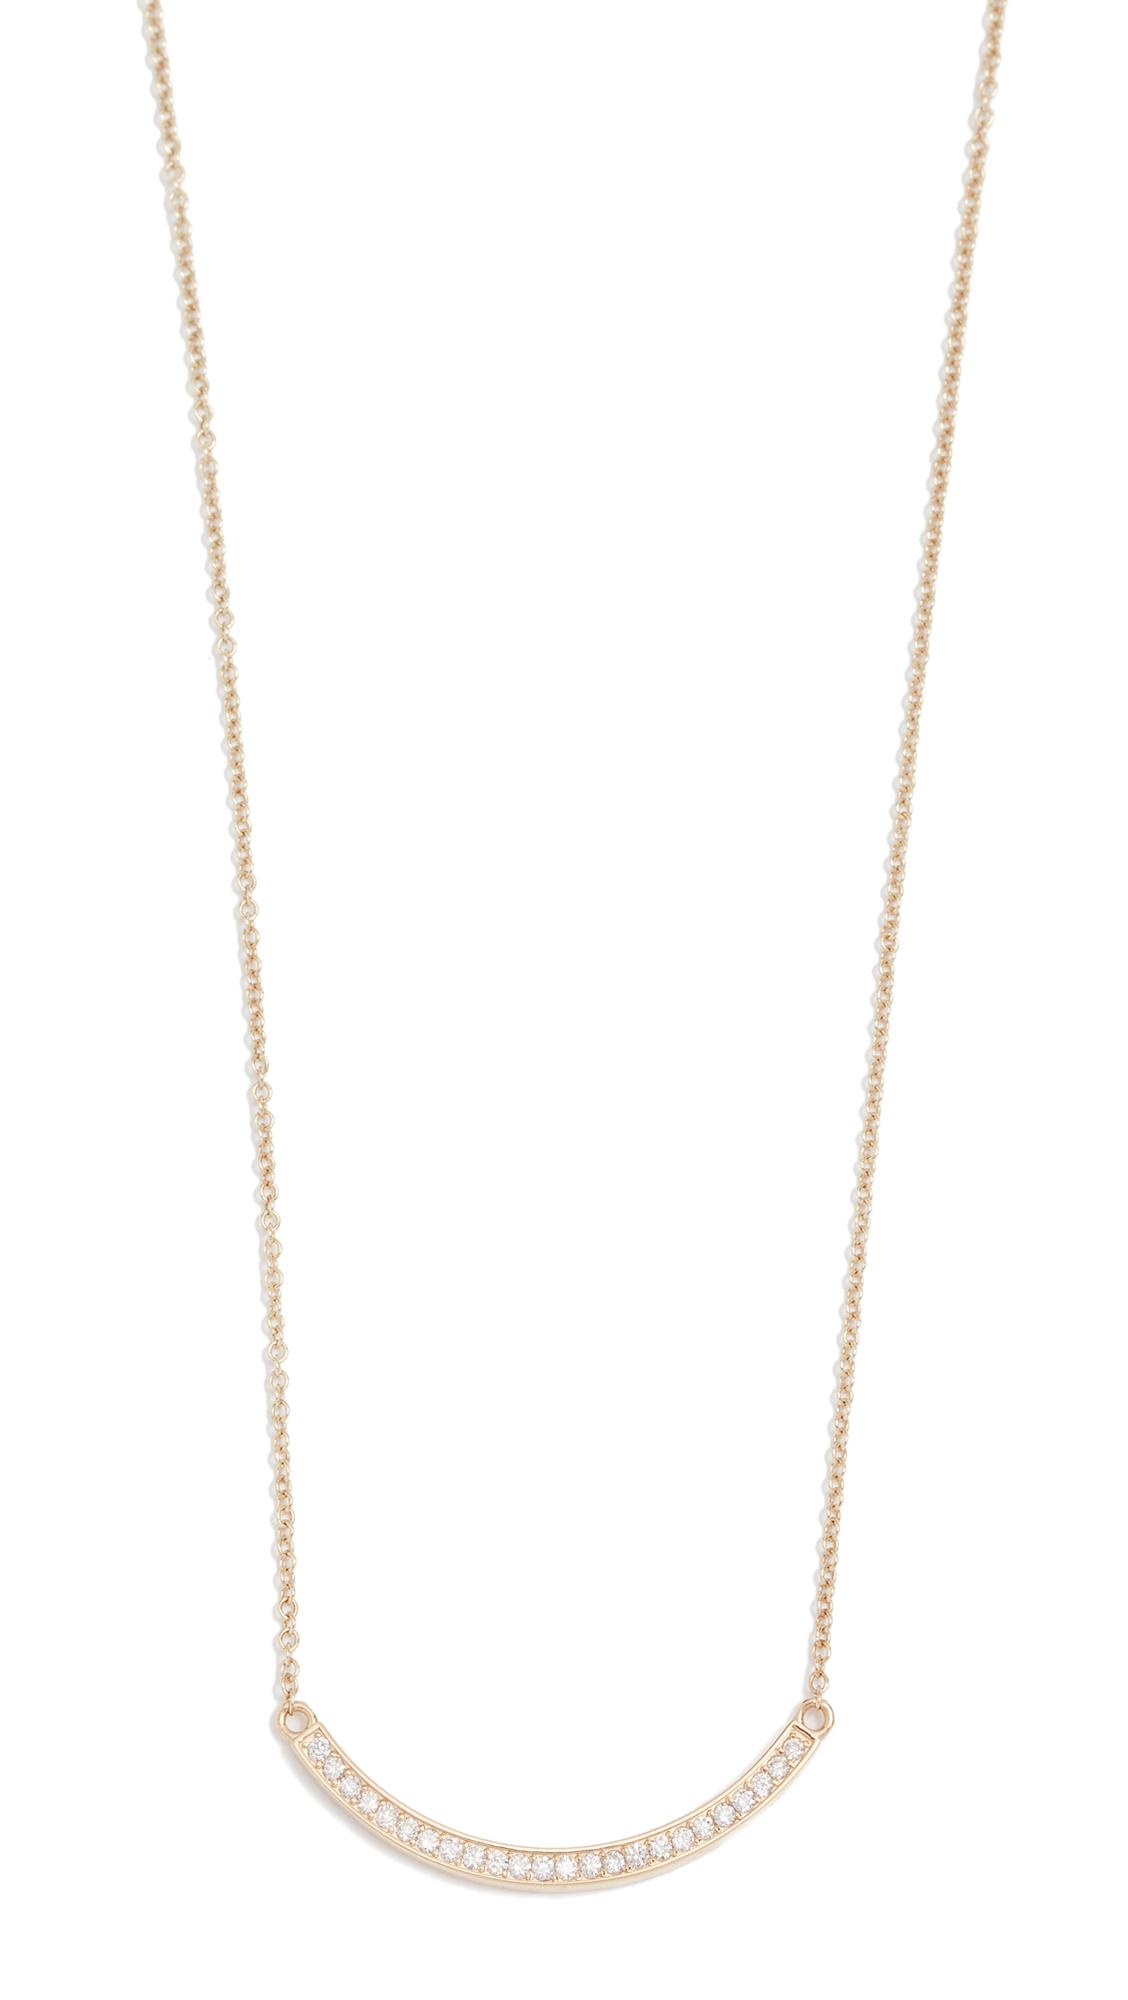 Jennifer Meyer Jewelry 18k Gold Diamond Stick Necklace - Diamond